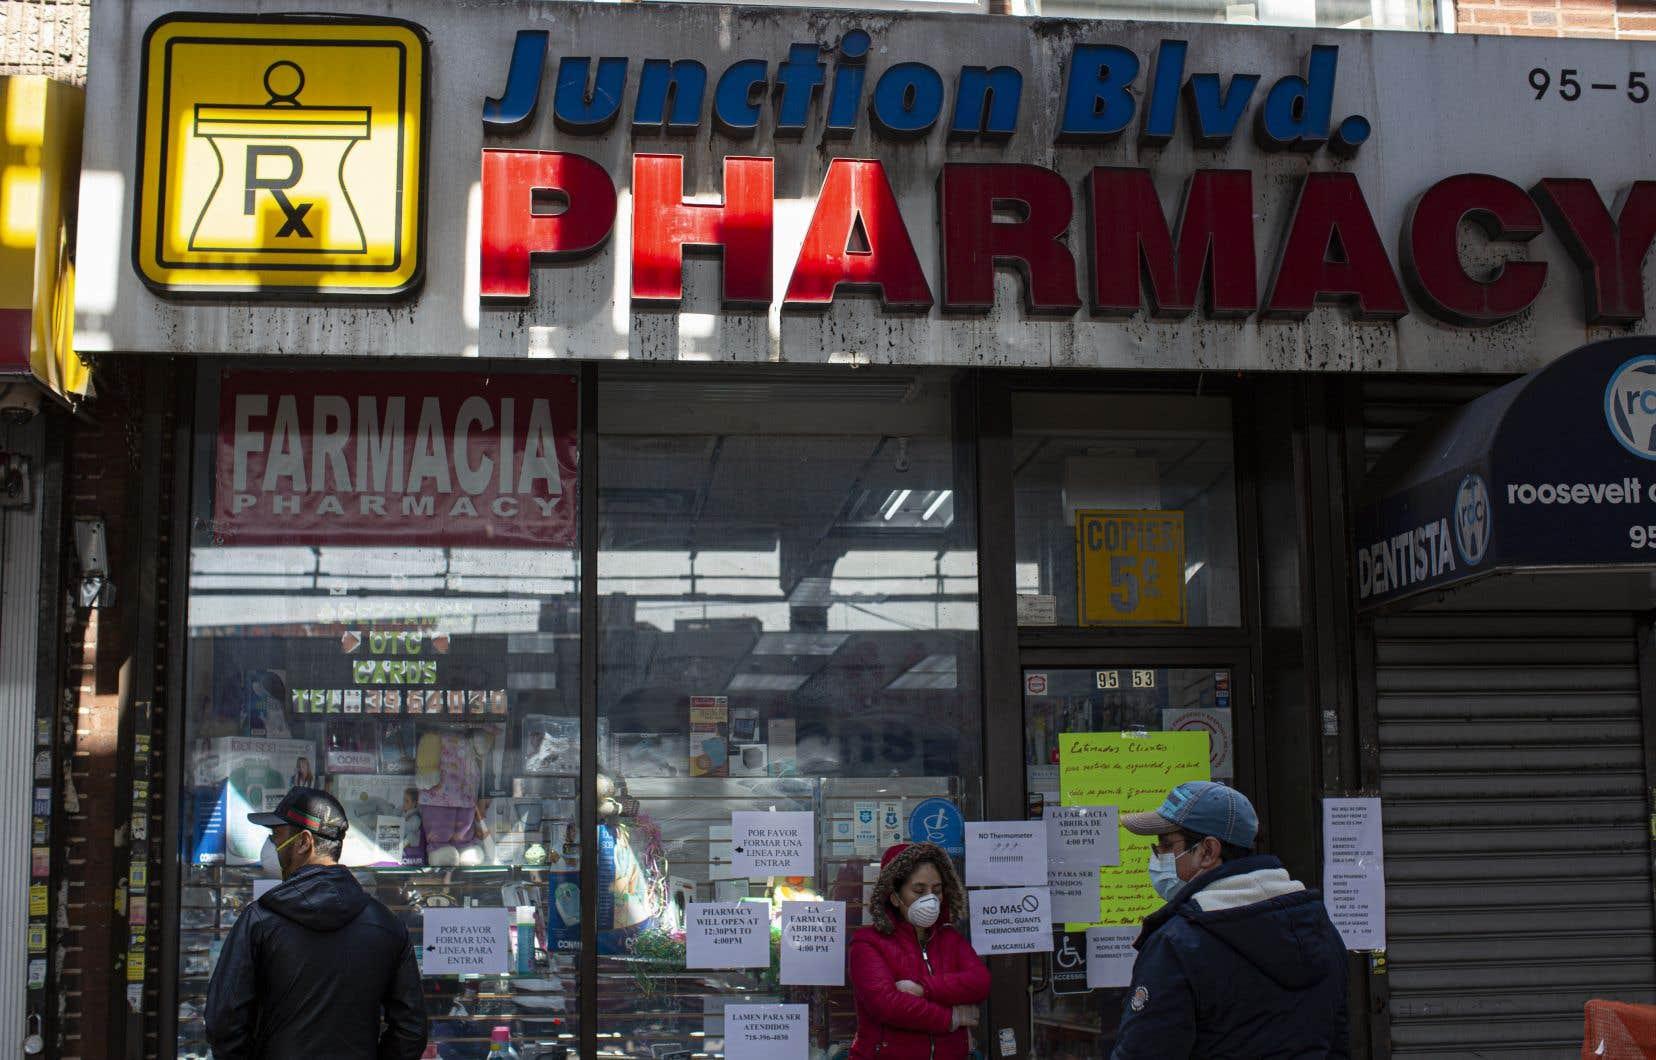 Les pharmacies pourront désormais effectuer des tests de dépistage à la COVID-19, a annoncé le gouvernement américain mercredi.